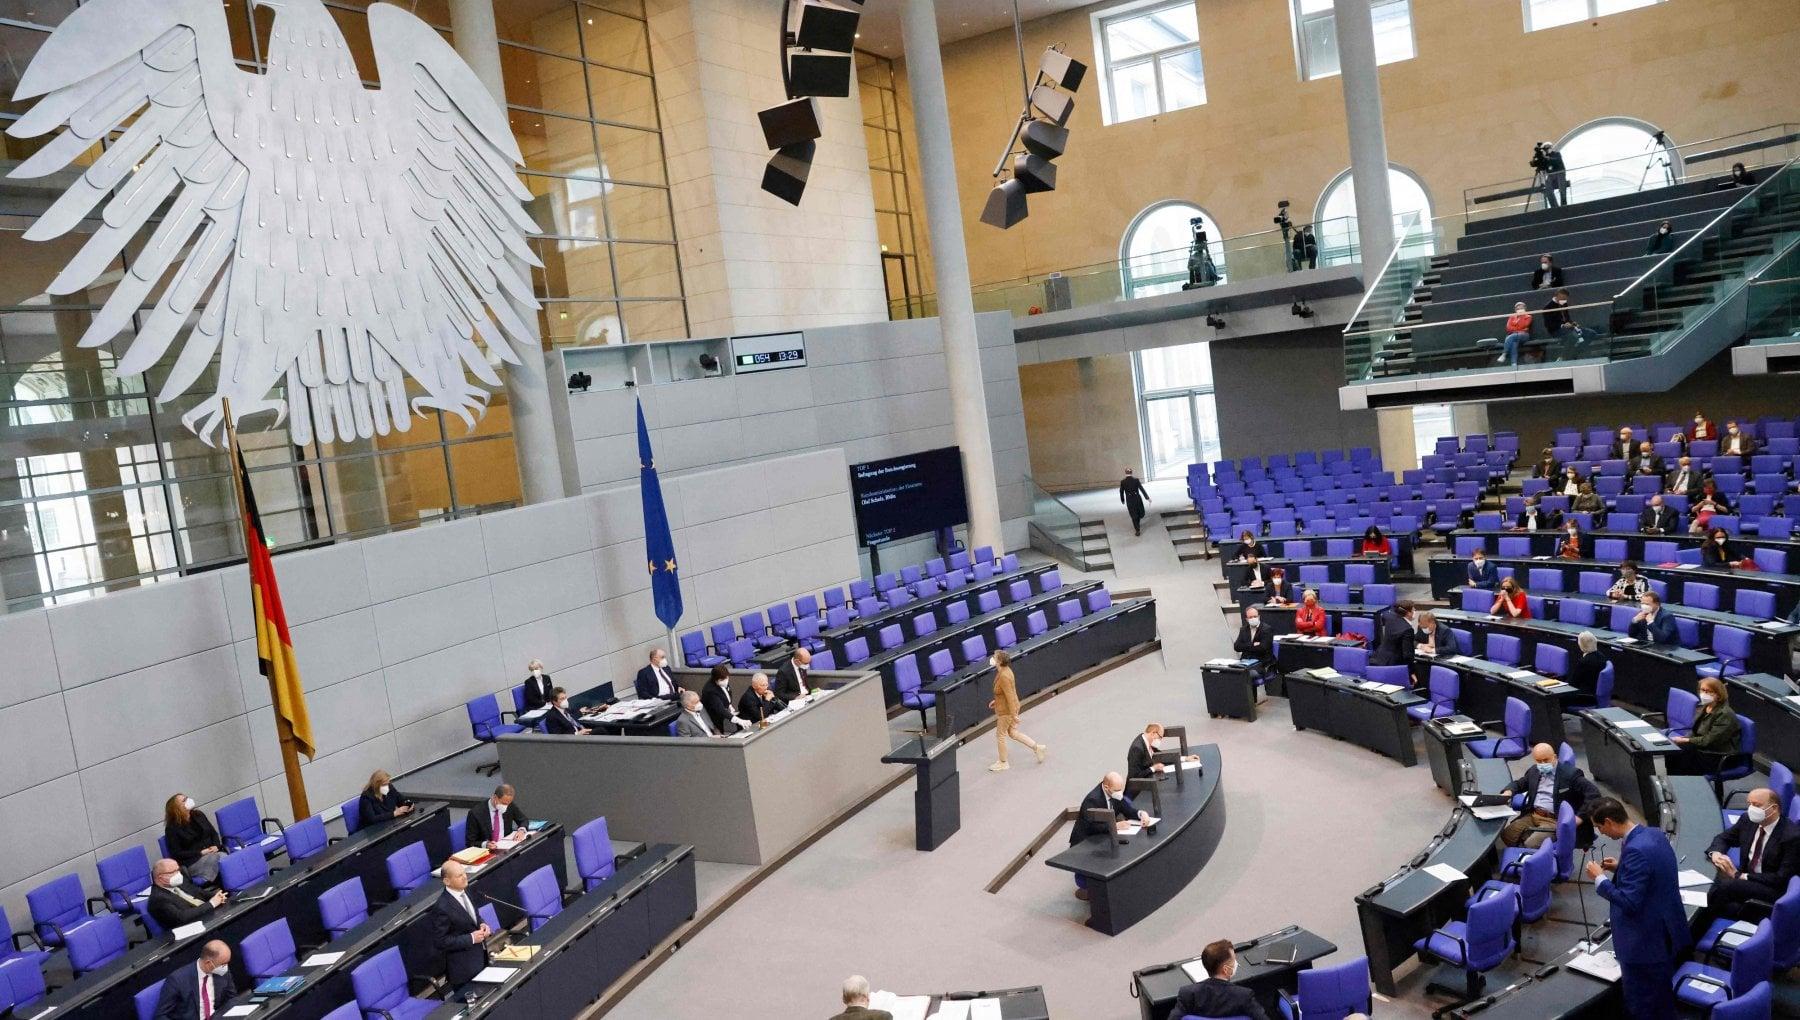 """115526028 2b0f9489 8a84 4c27 8089 abf493f8fa0e - Germania, il Bundestag assegna 400 mila euro all'associazione dei """"nemici delle donne"""""""